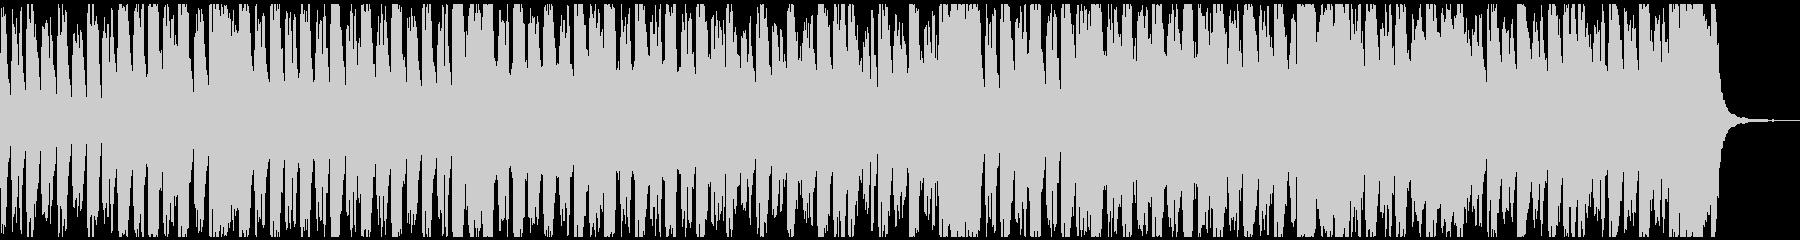 明るい行進曲風オーケストラ メロ抜きの未再生の波形